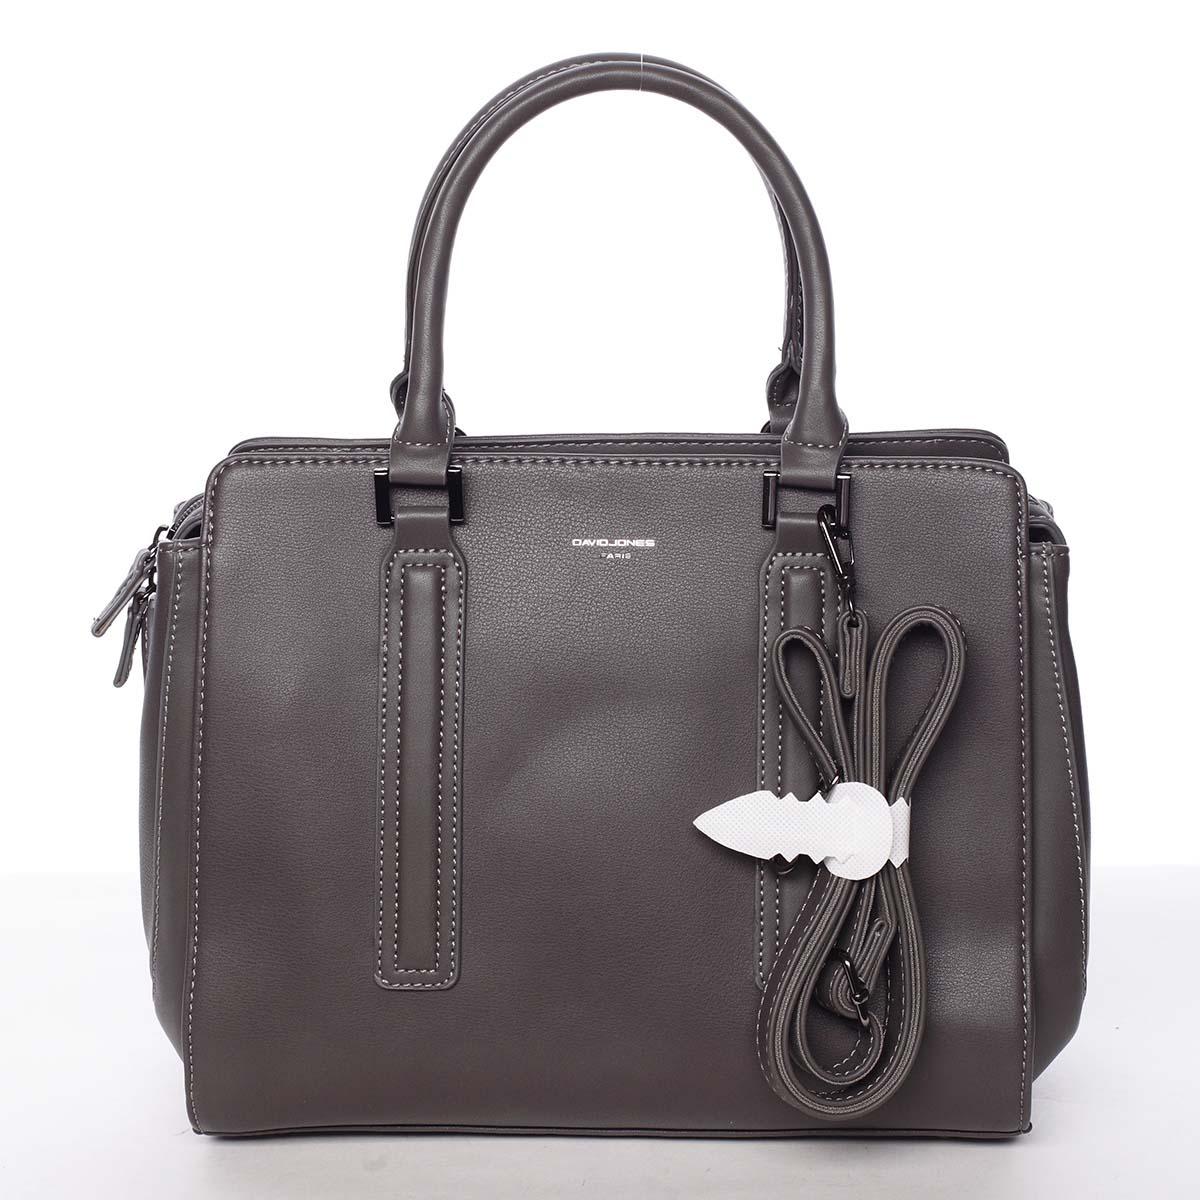 Elegantní stylová dámská tmavě šedá kabelka - David Jones Amedee